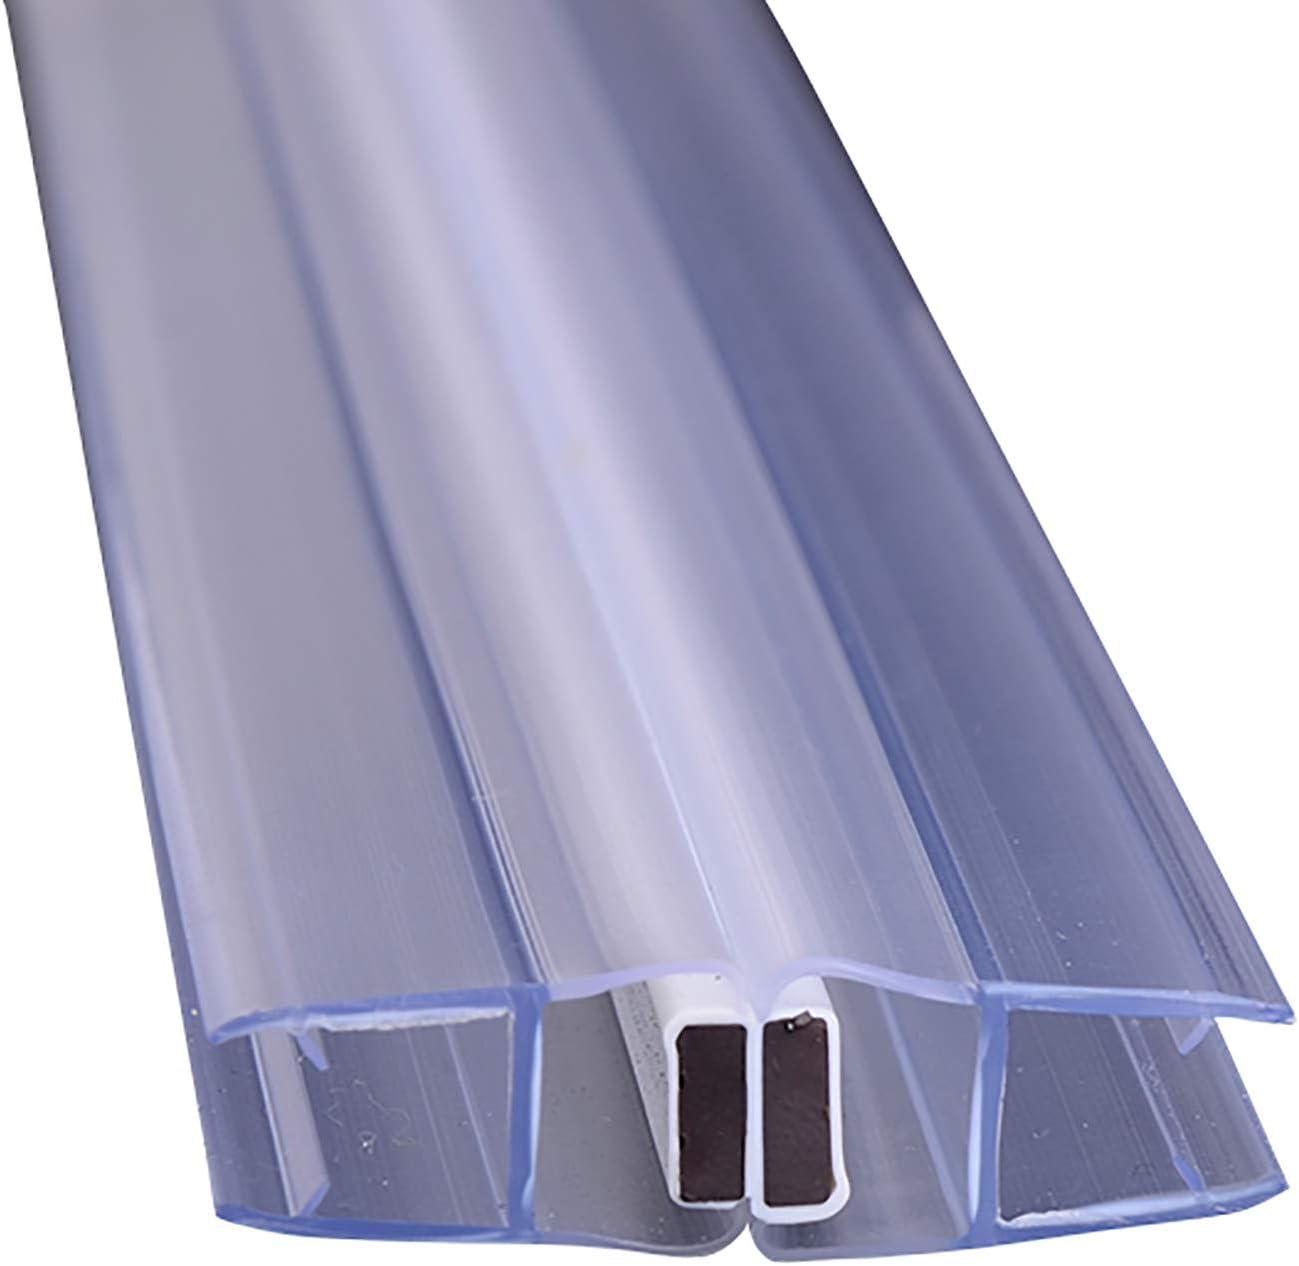 ZHTY 1 m de Largo Tira magnética Sello de Ducha,para Puertas de Vidrio abatibles,de Arco,en Forma de Diamante y de Movimiento Paralelo de 6 mm / 8 mm / 10 mm,2 Piezas